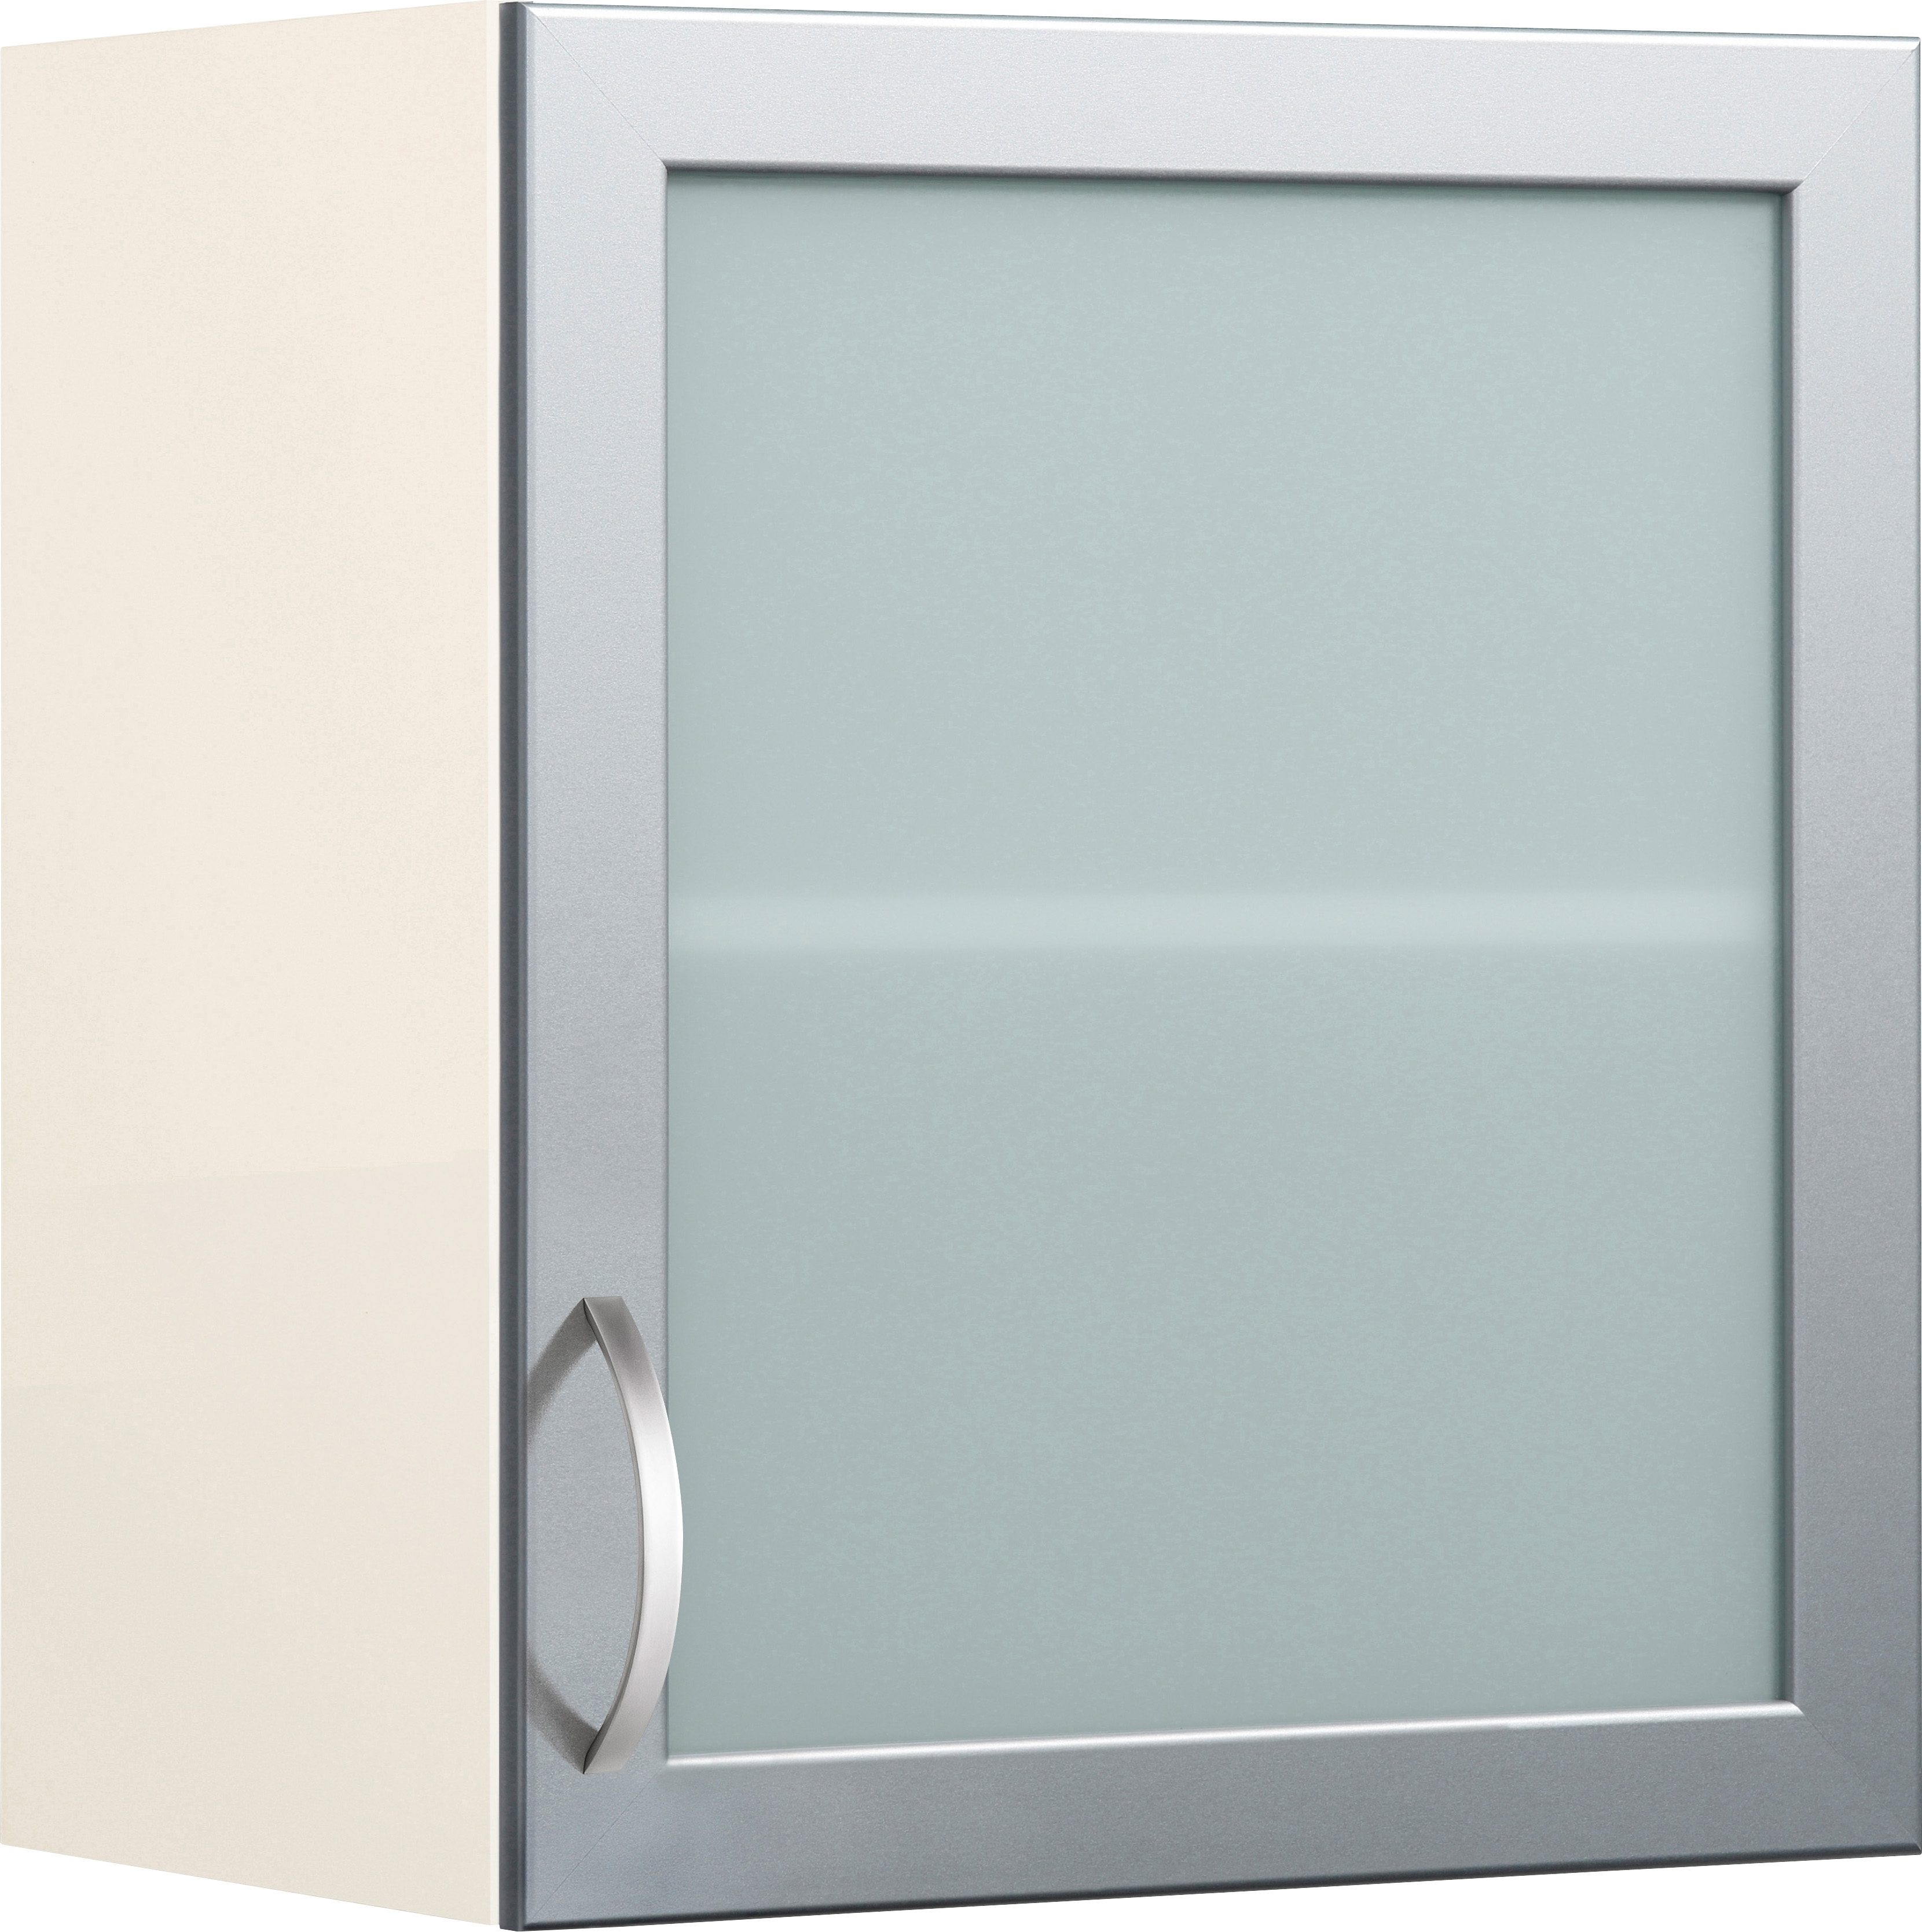 Glashänger mit Rahmentür Flexi Breite 50 cm | Wohnzimmer > Schränke > Hängeschränke | Weiß